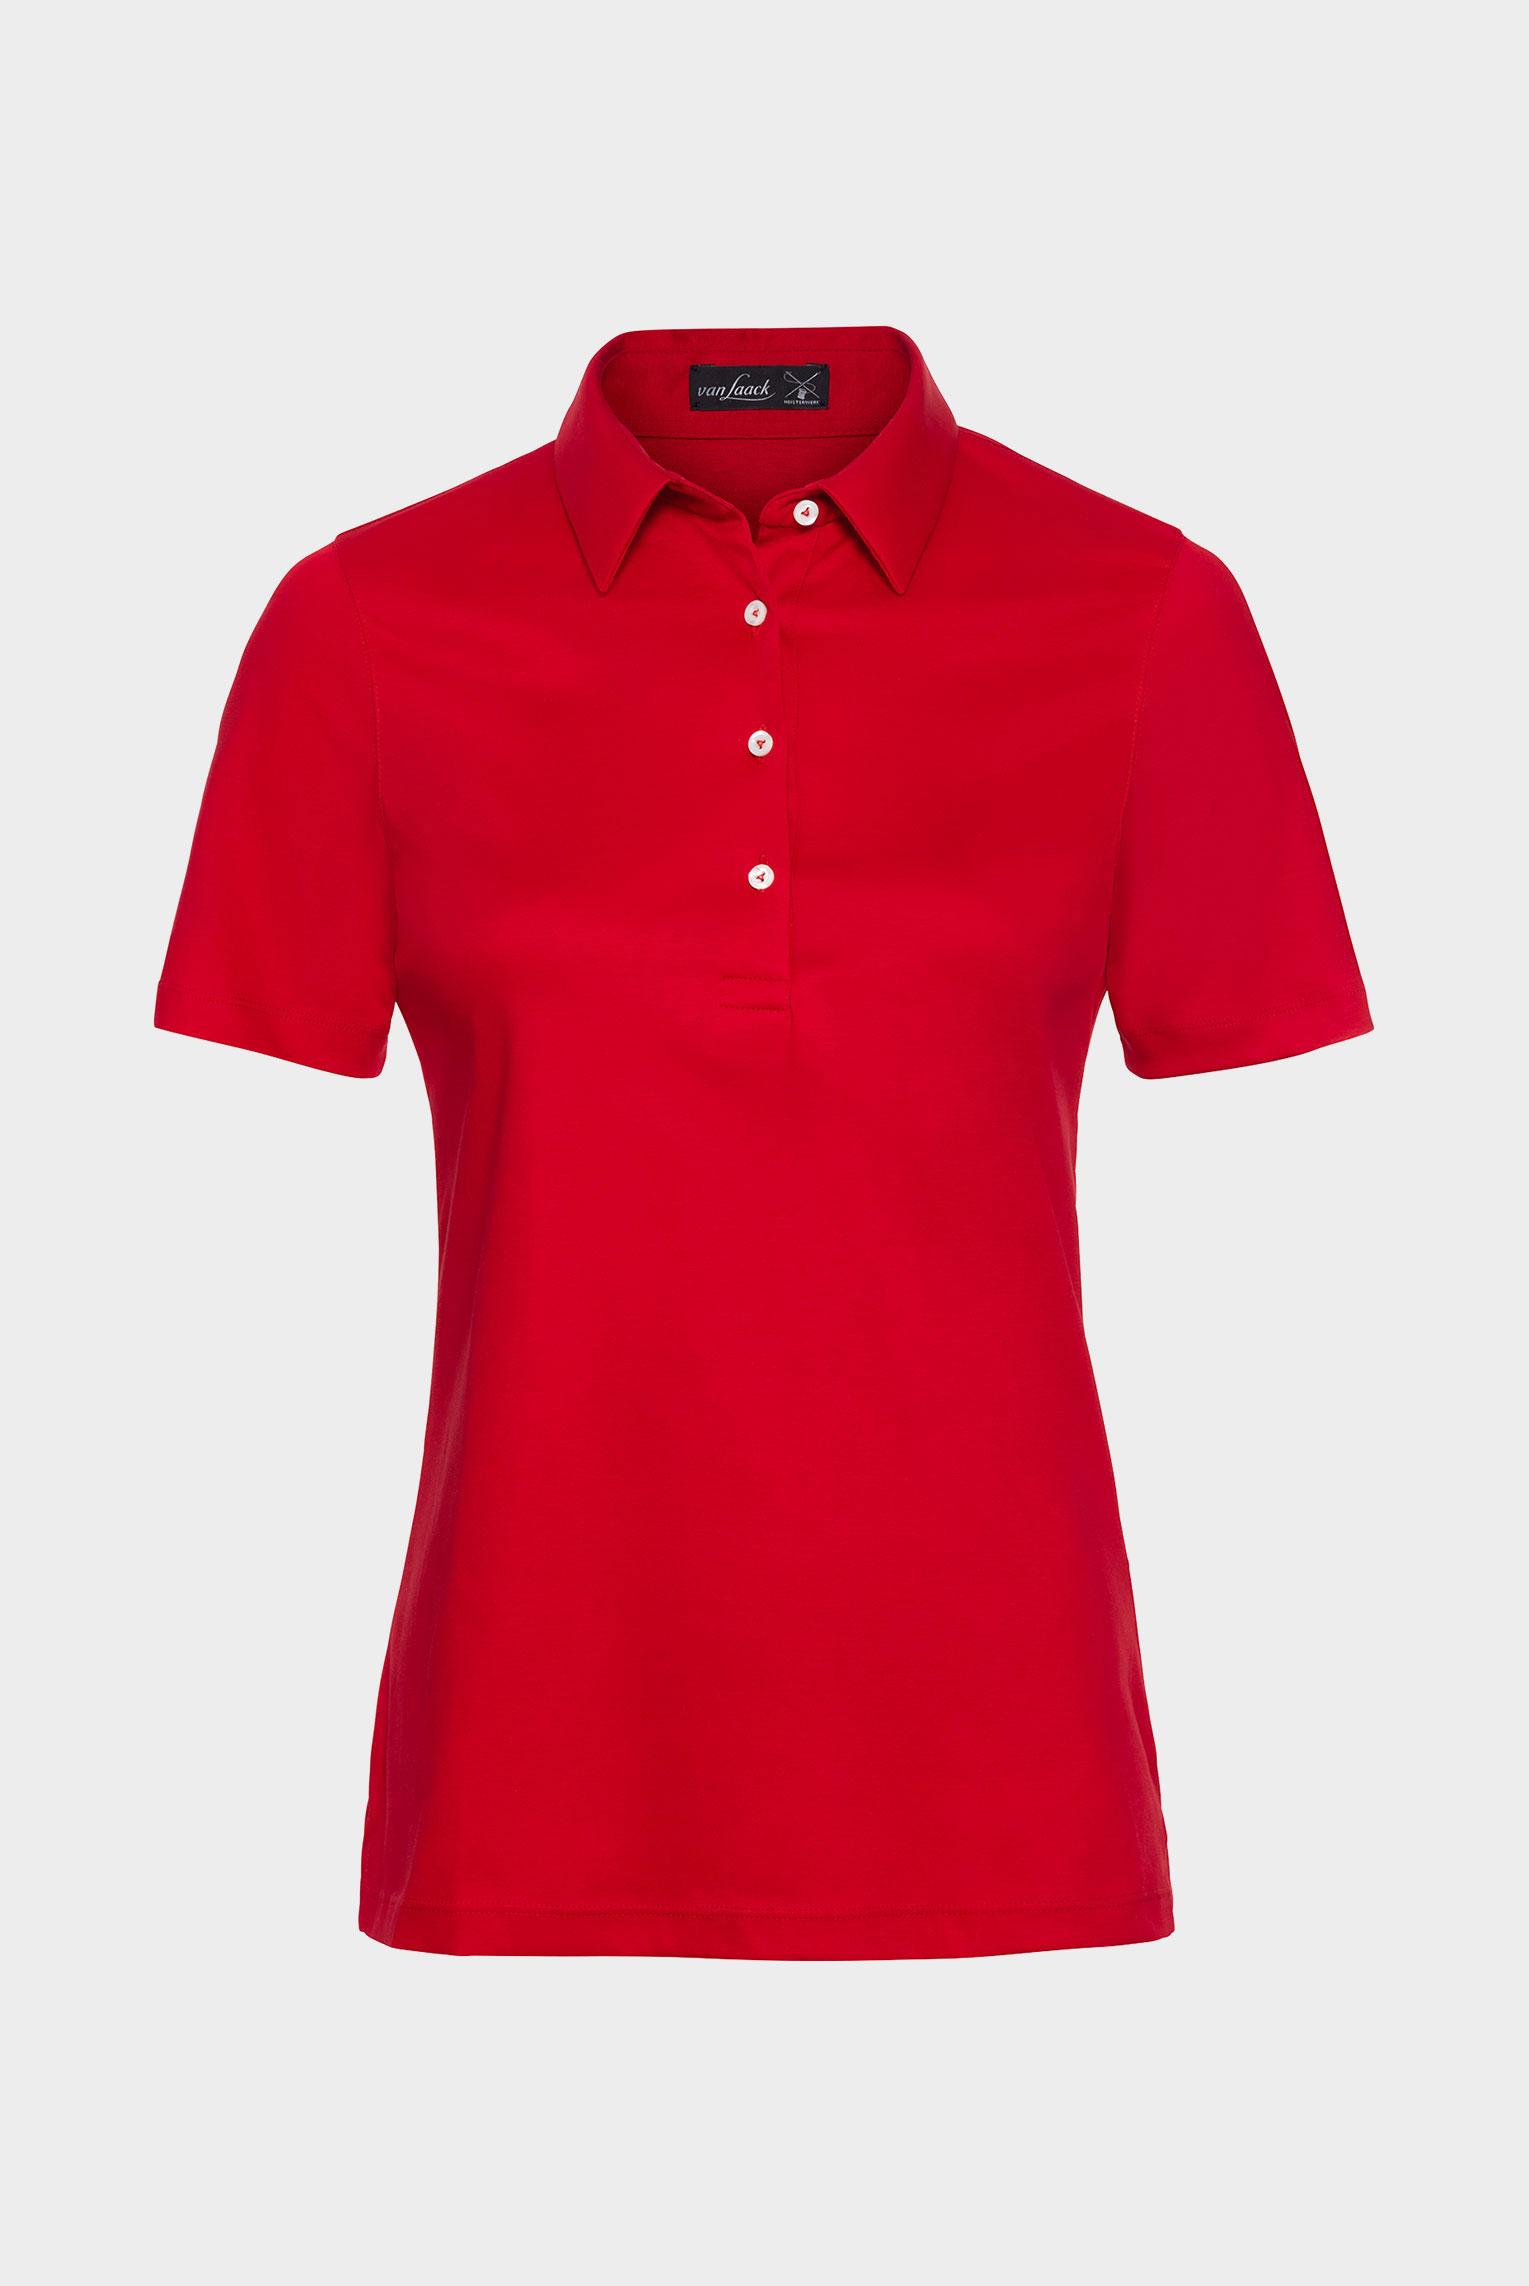 Neuheiten+Klassisches Damen Polo aus Jersey  Modern Fit Rot+05.600L..180031.550.46